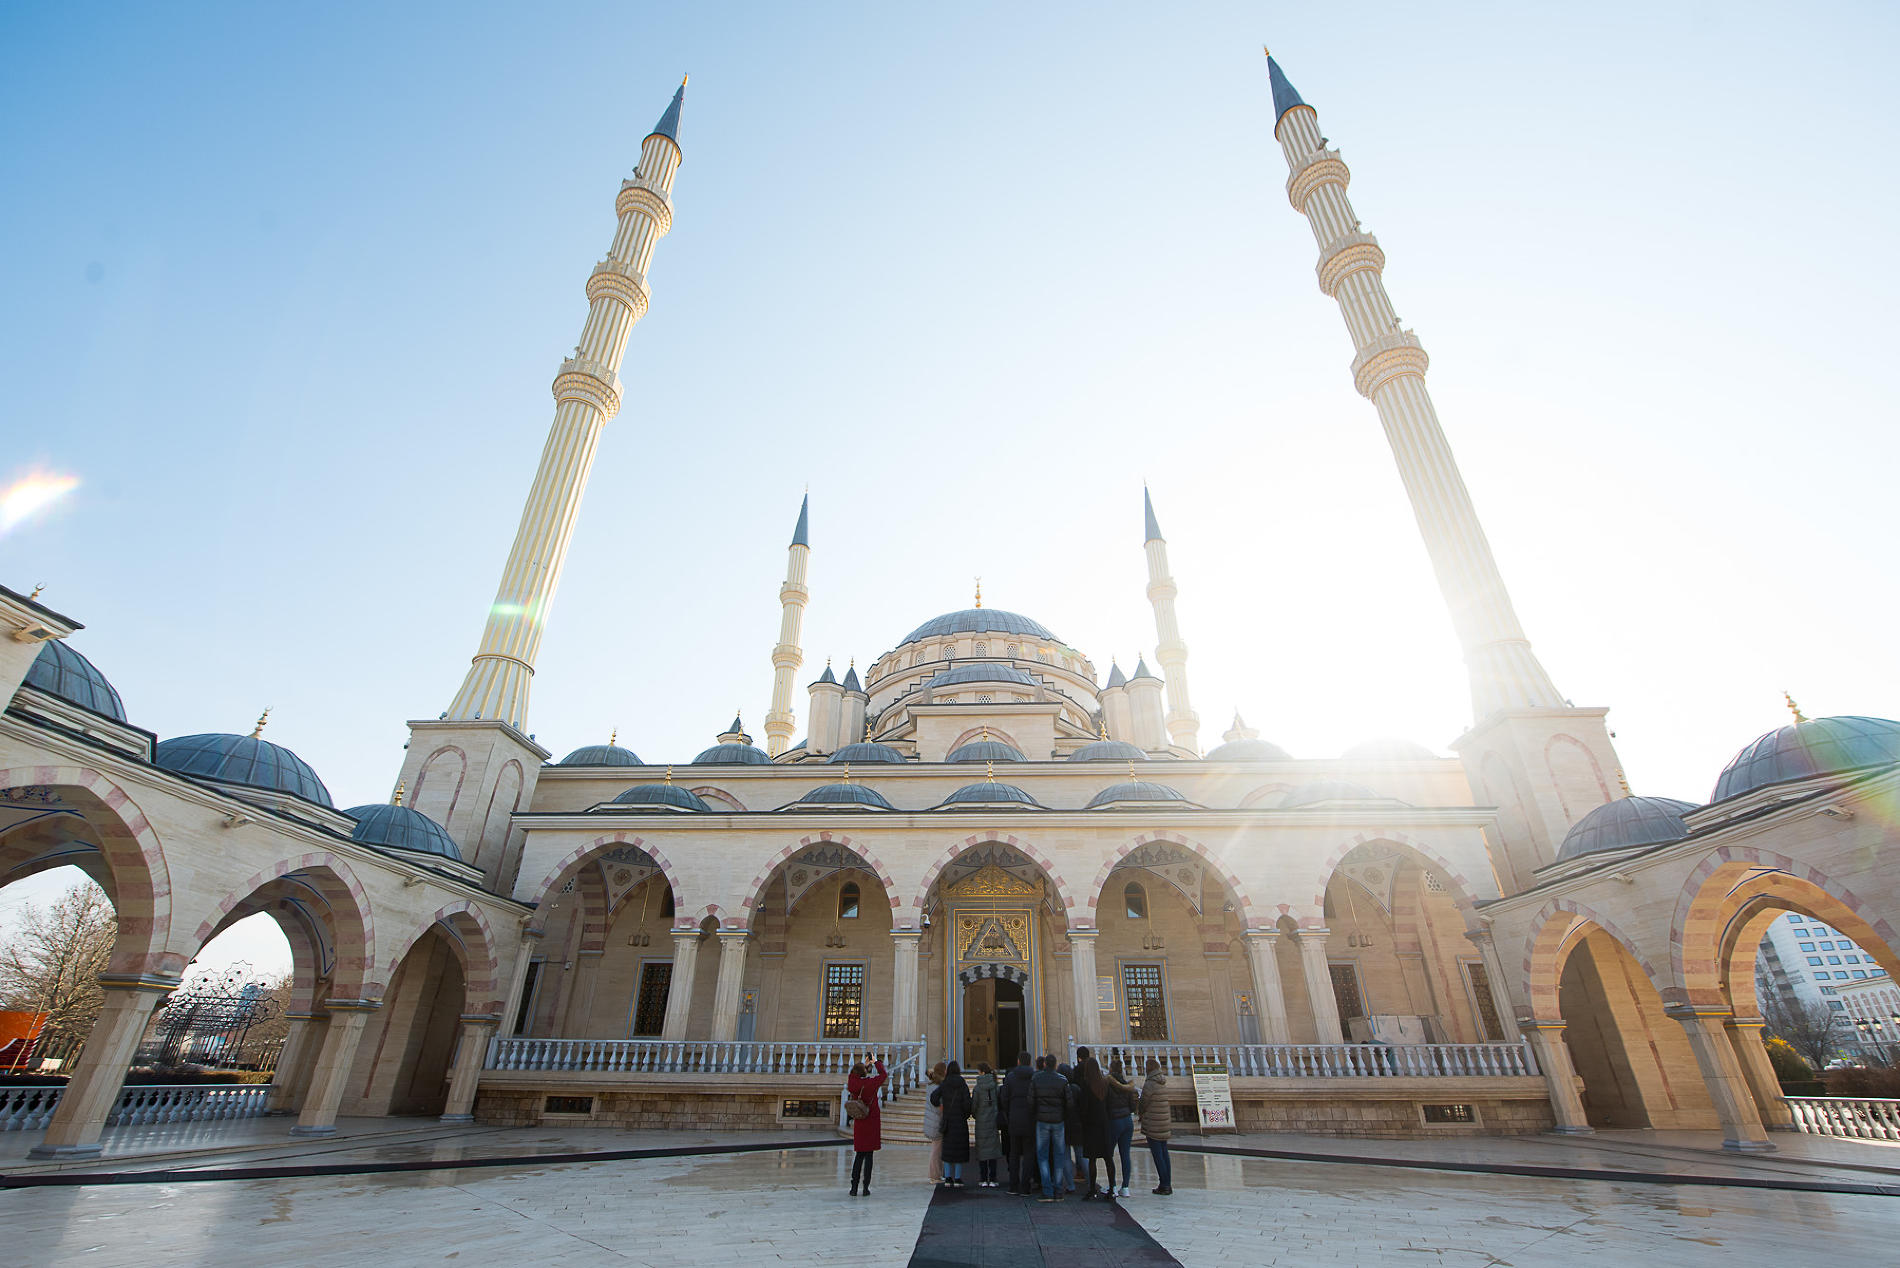 Мечеть «Сердце Чечни», Грозный, Чечня